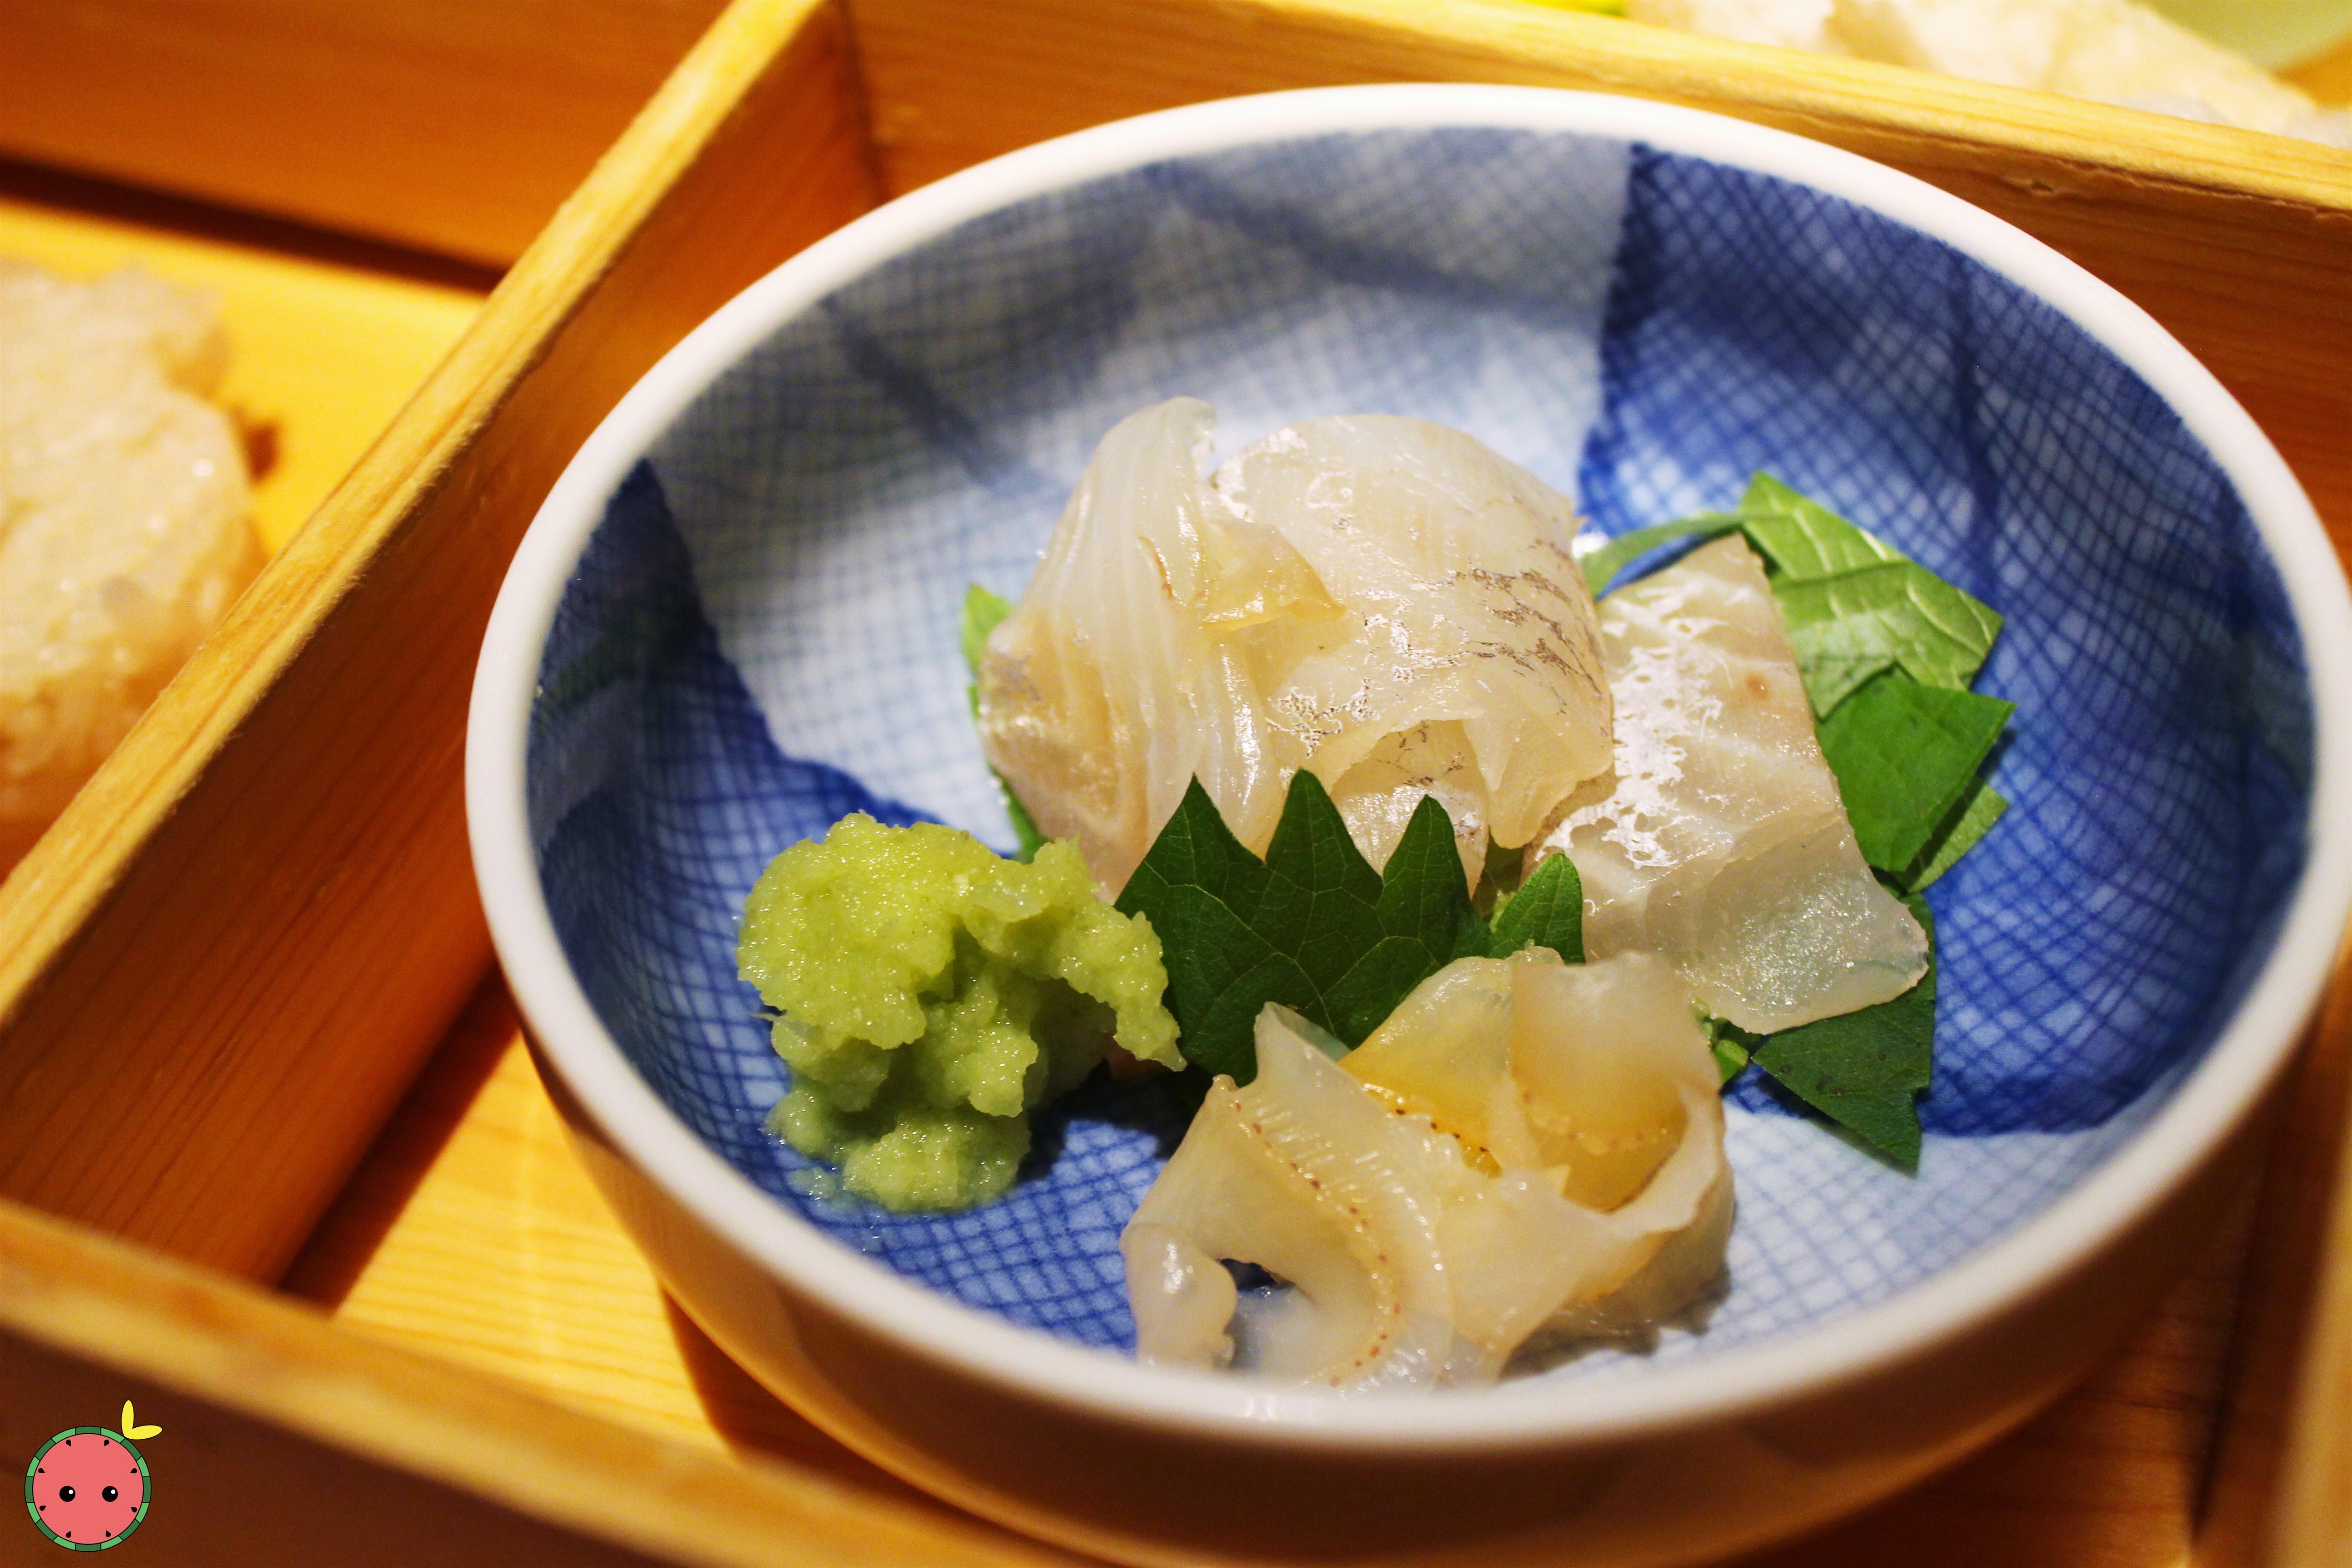 Cured yokowa (baby tuna), scallop mantle, shiso leaves, and fresh wasabi from Shizuoka